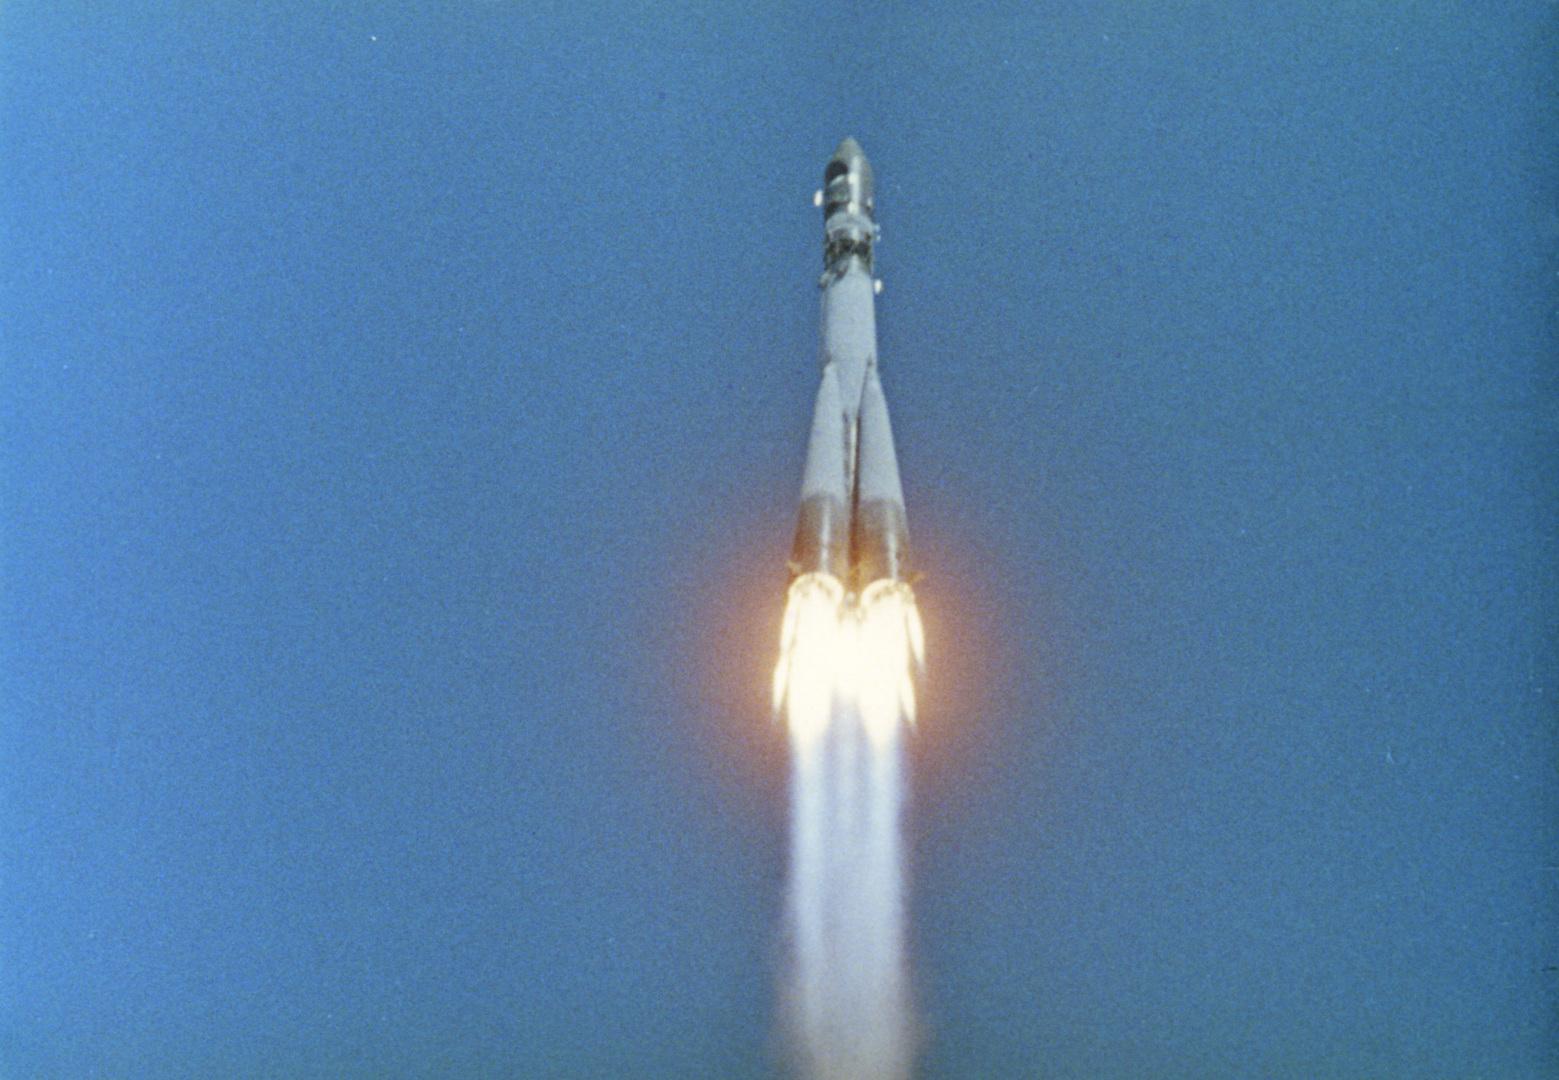 Gagarine à bord du vaisseau Vostok : le premier homme dans l'espace, il y a 60 ans, jour pour jour